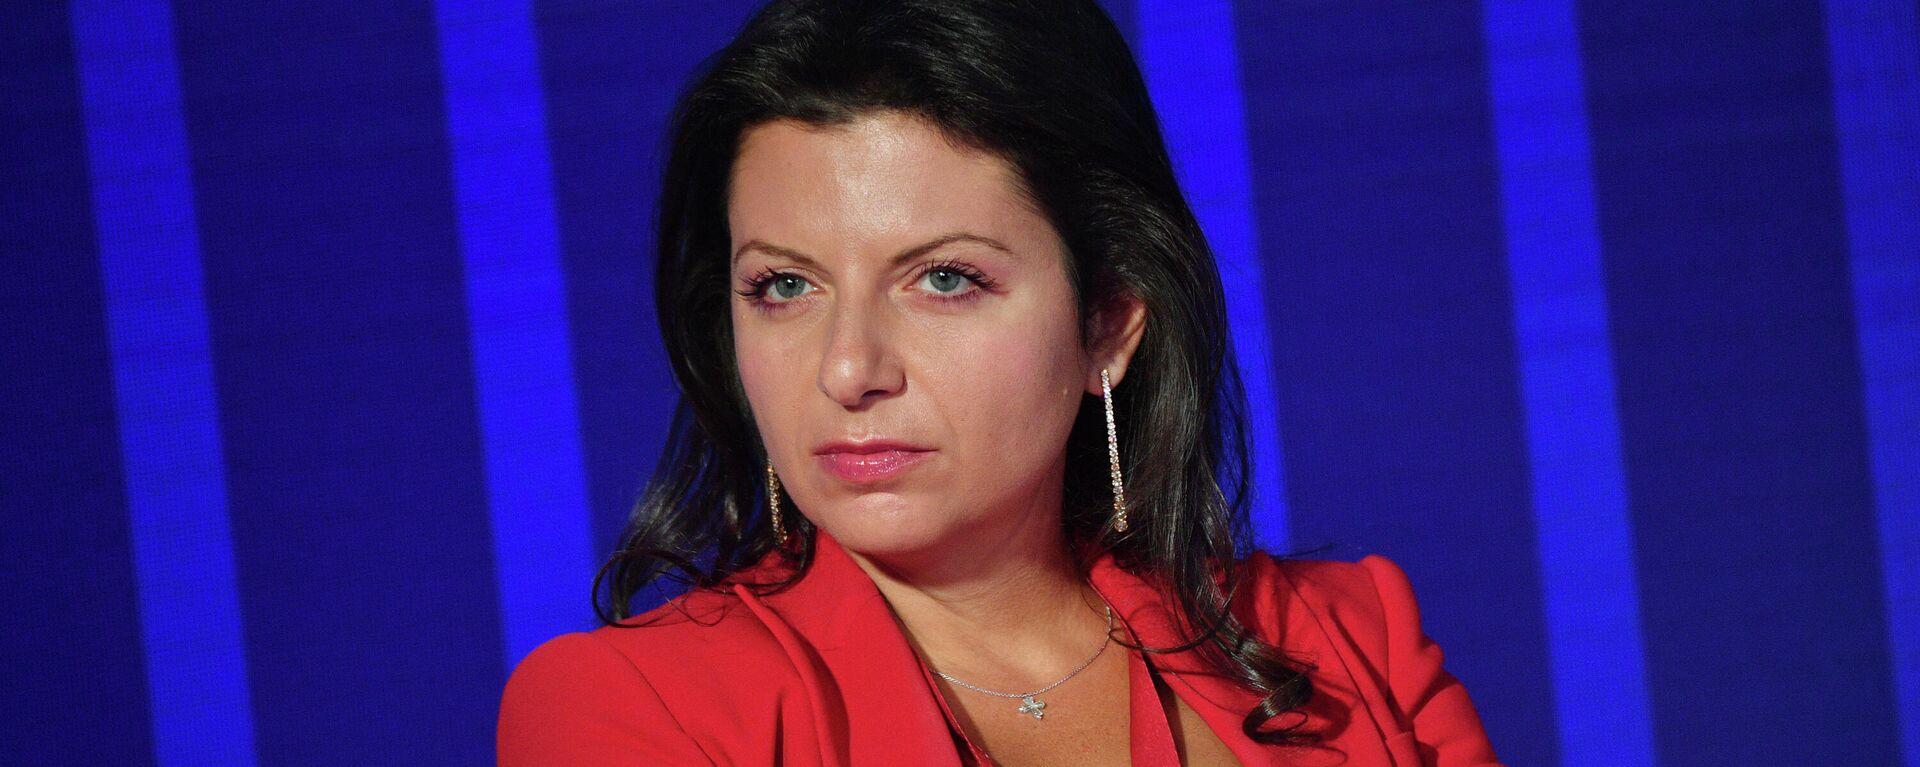 Главный редактор телеканала RT и МИА Россия сегодня Маргарита Симоньян - Sputnik Latvija, 1920, 25.09.2021